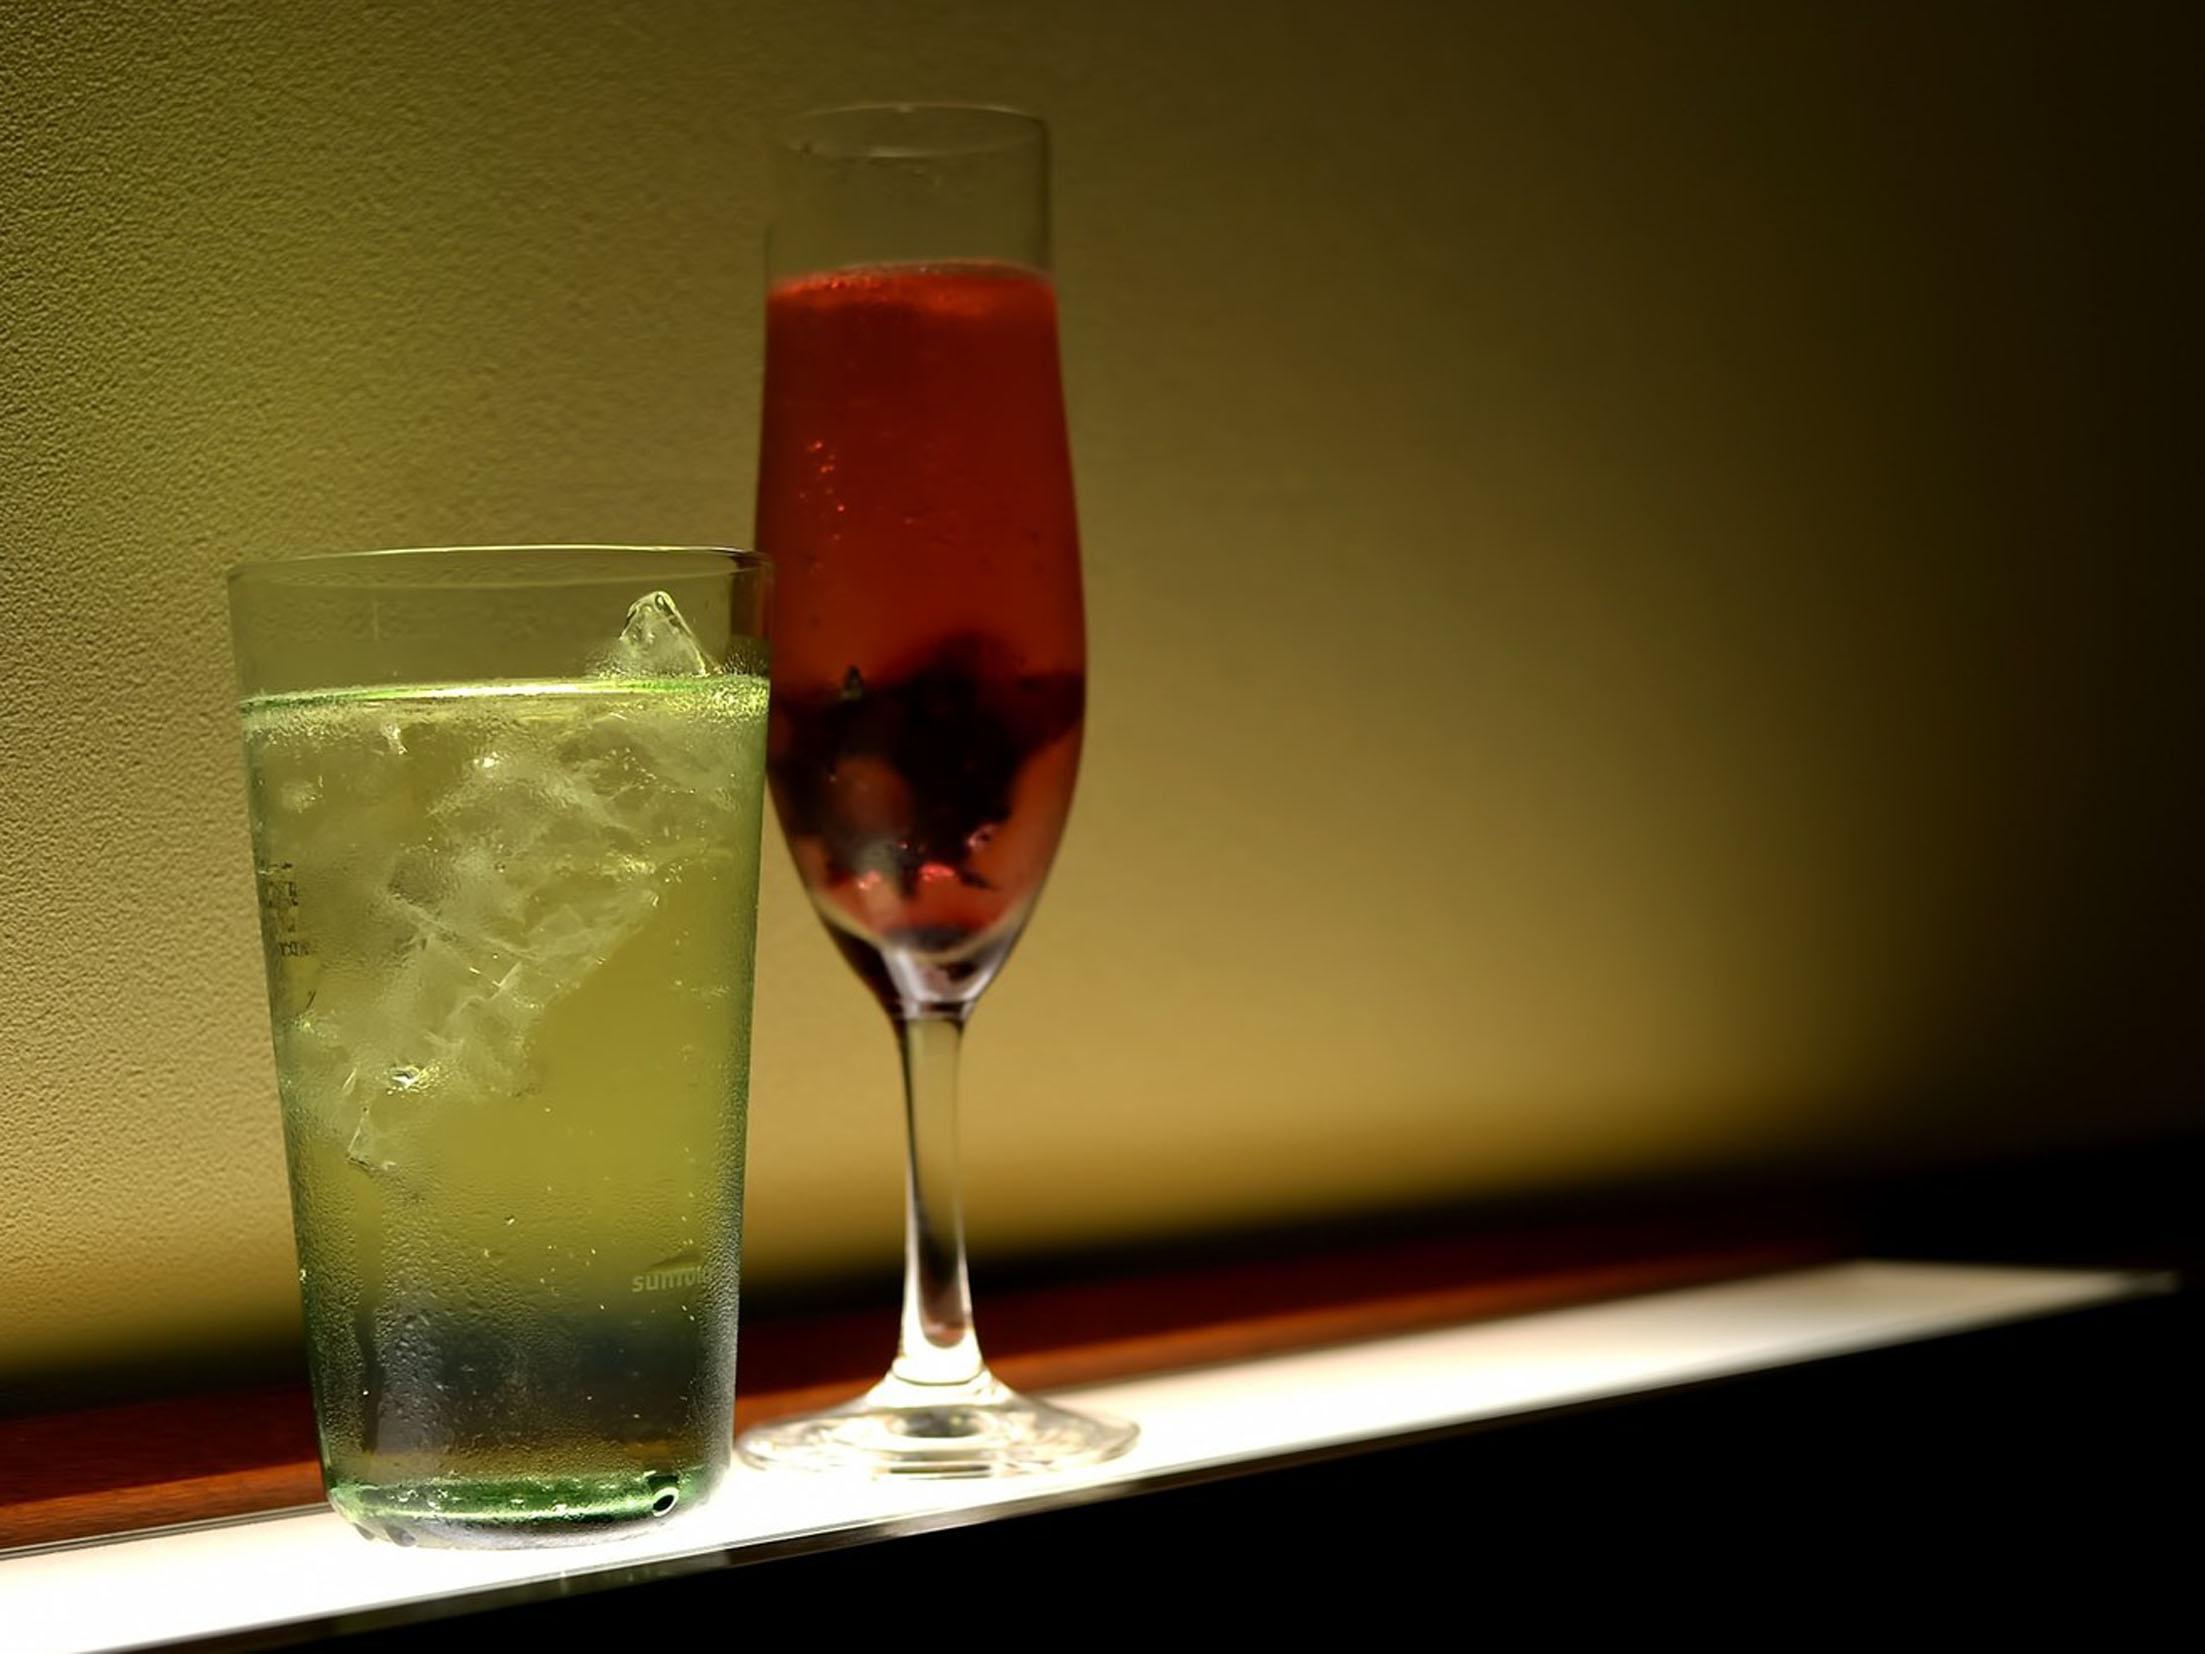 旅行や留学の前に知っておこう!実は厳しいオーストラリアの飲酒のルール